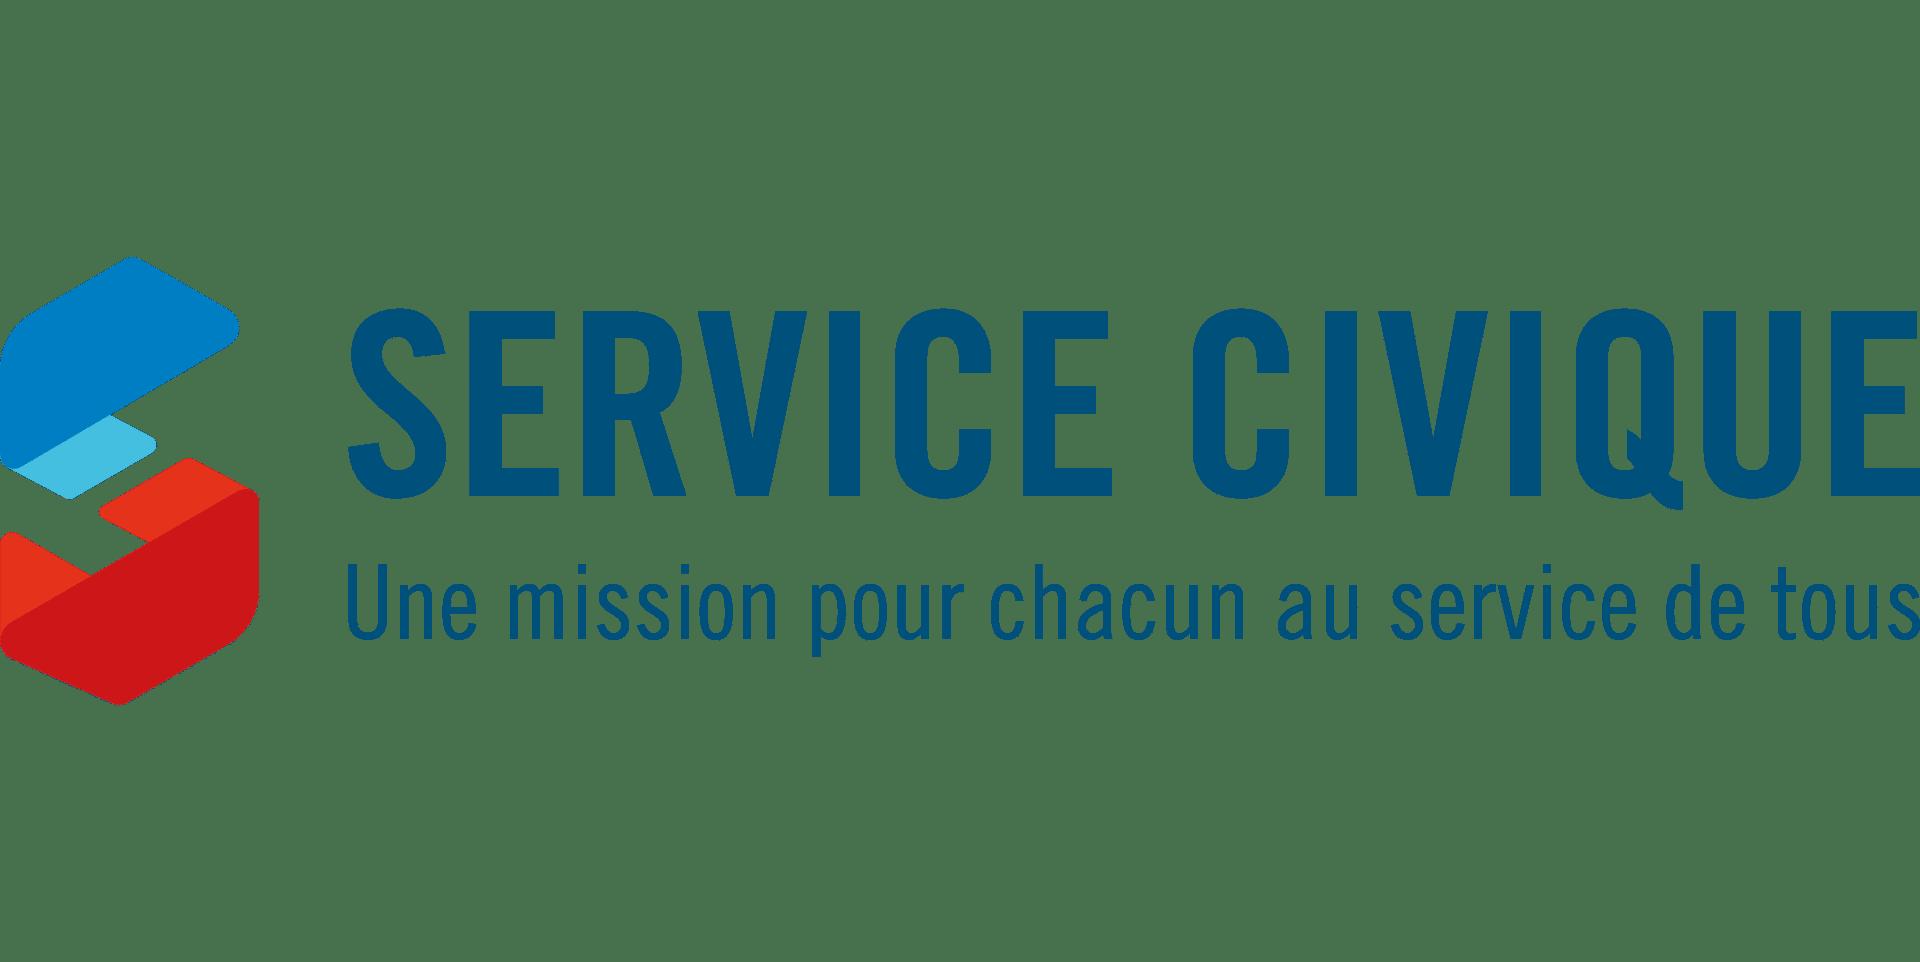 WEBINAIRE SERVICE CIVIQUE – 29 JUIN 2021 A 18H30